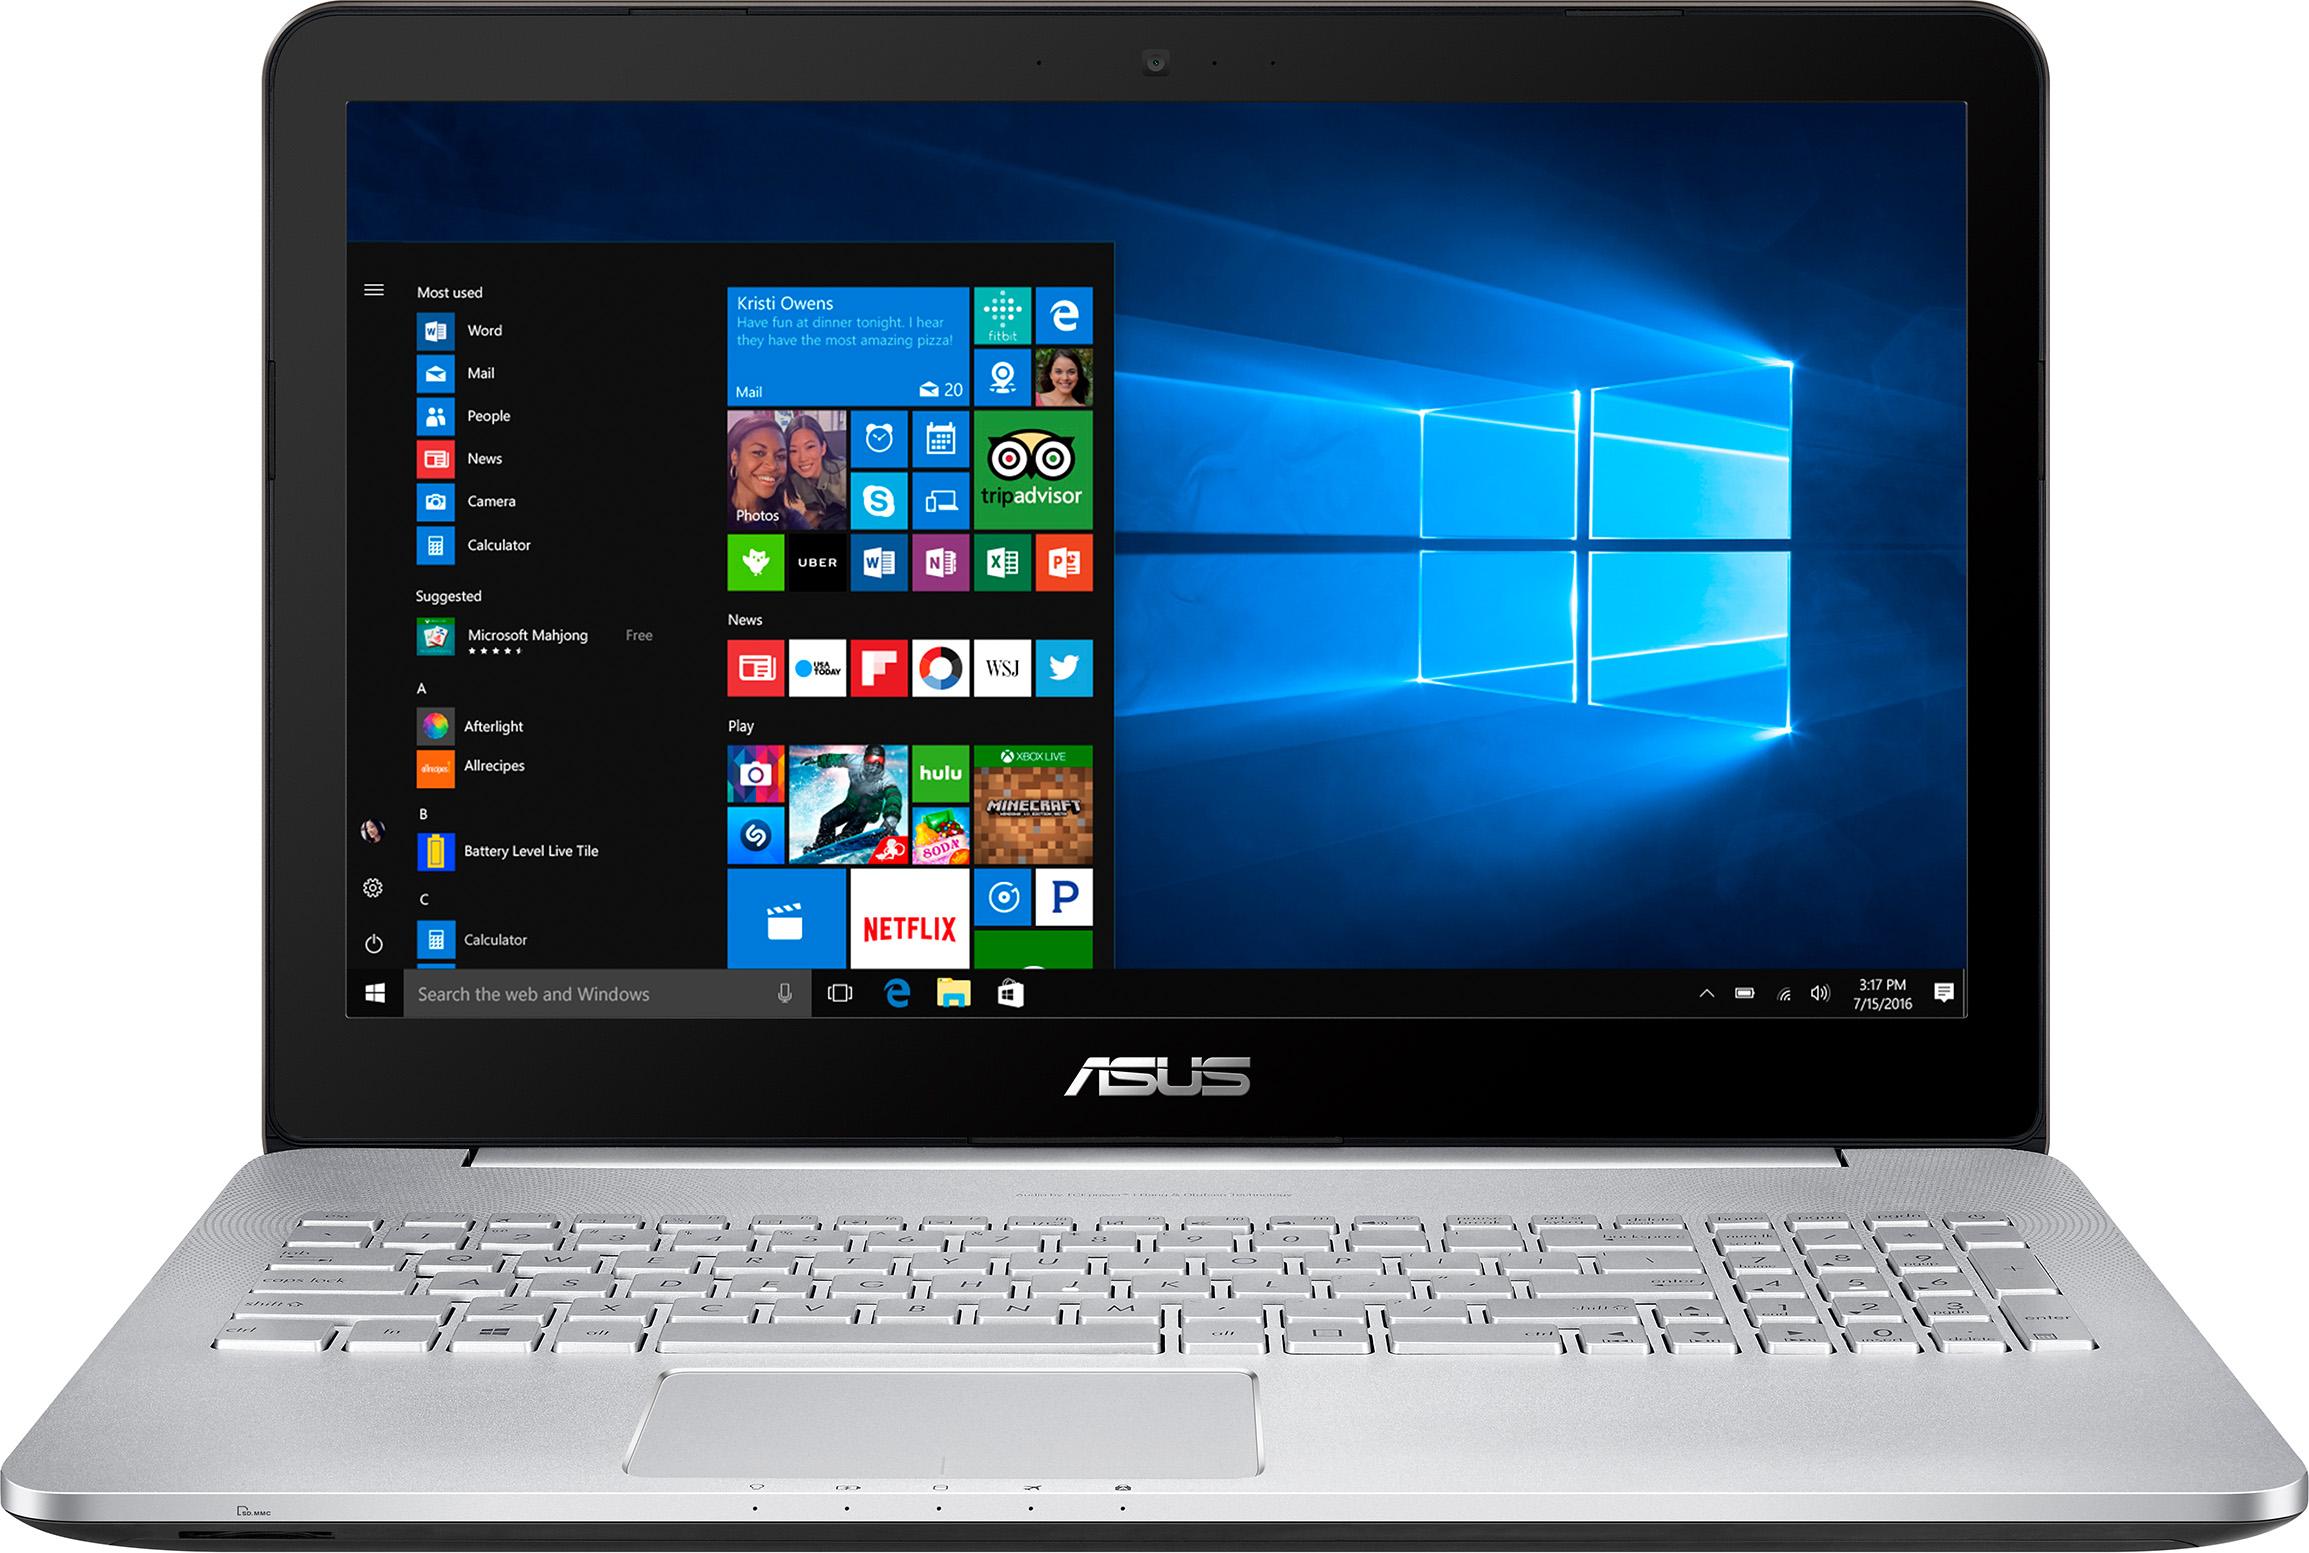 ASUS VivoBook Pro N552VX-US51T Signature Edition Laptop